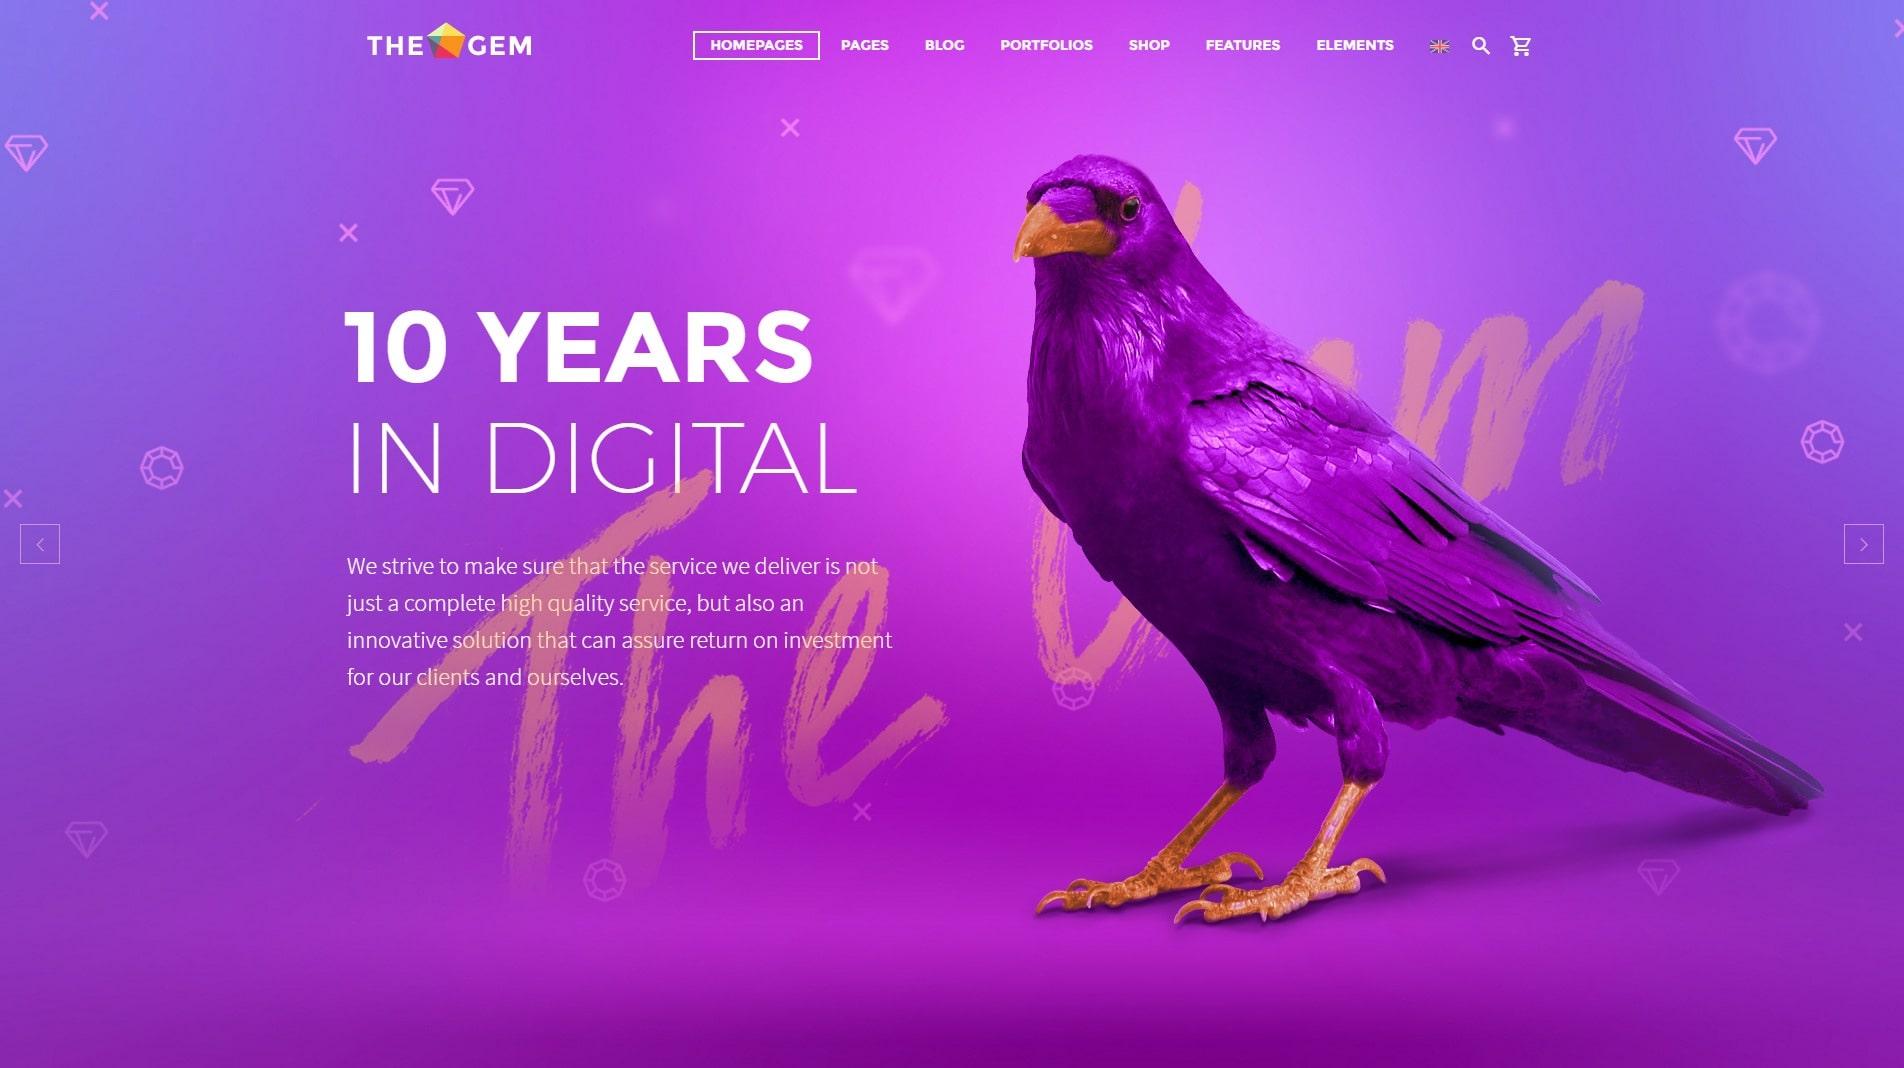 PSD макеты сайтов – 50+ современных дизайнерских концепций для вашего успешного бизнеса